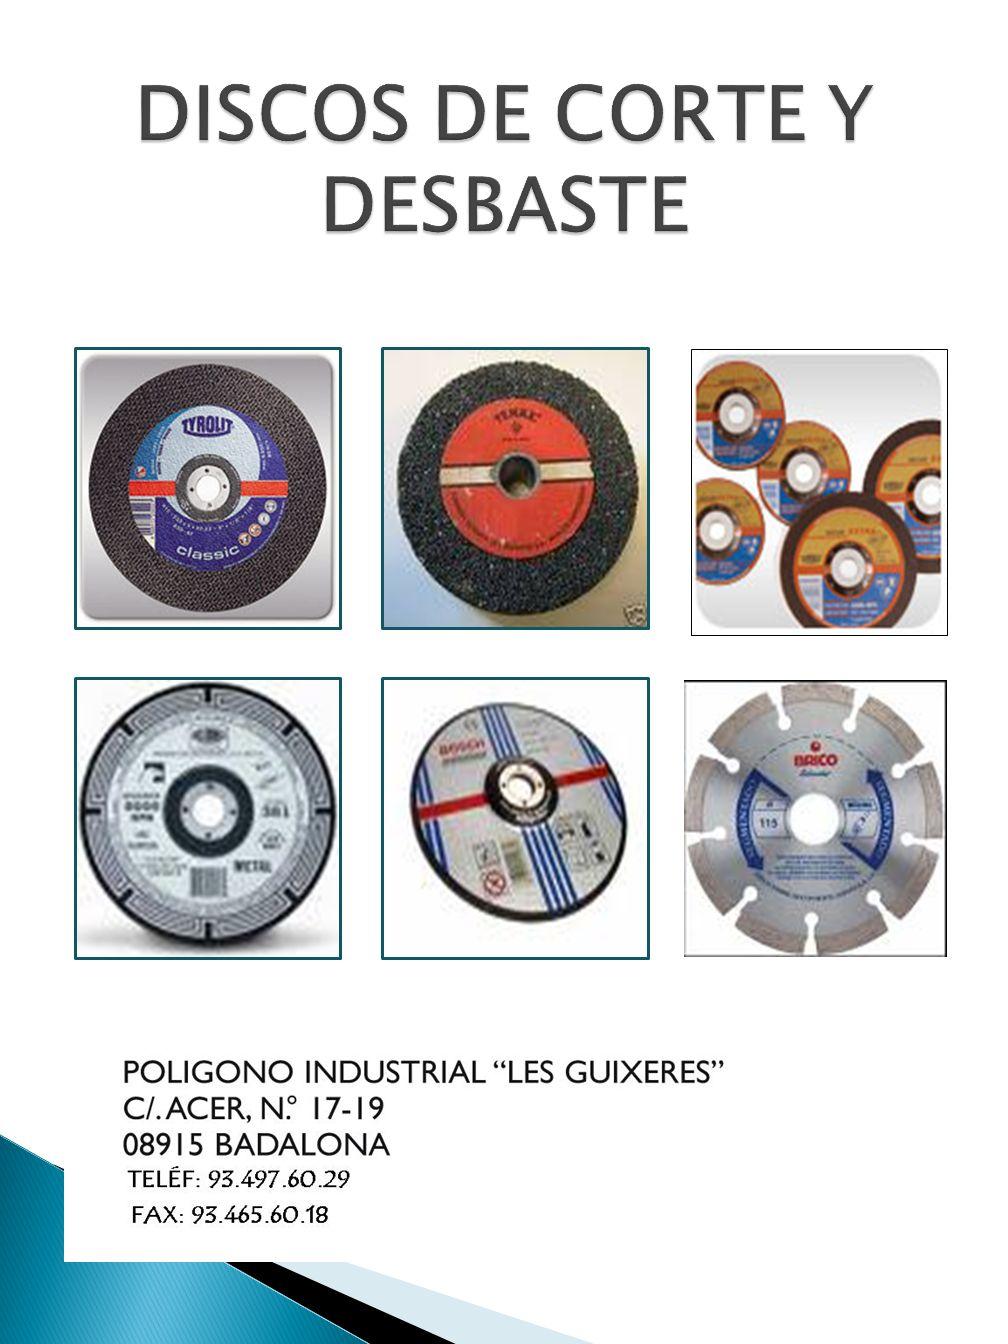 DISCOS DE CORTE Y DESBASTE